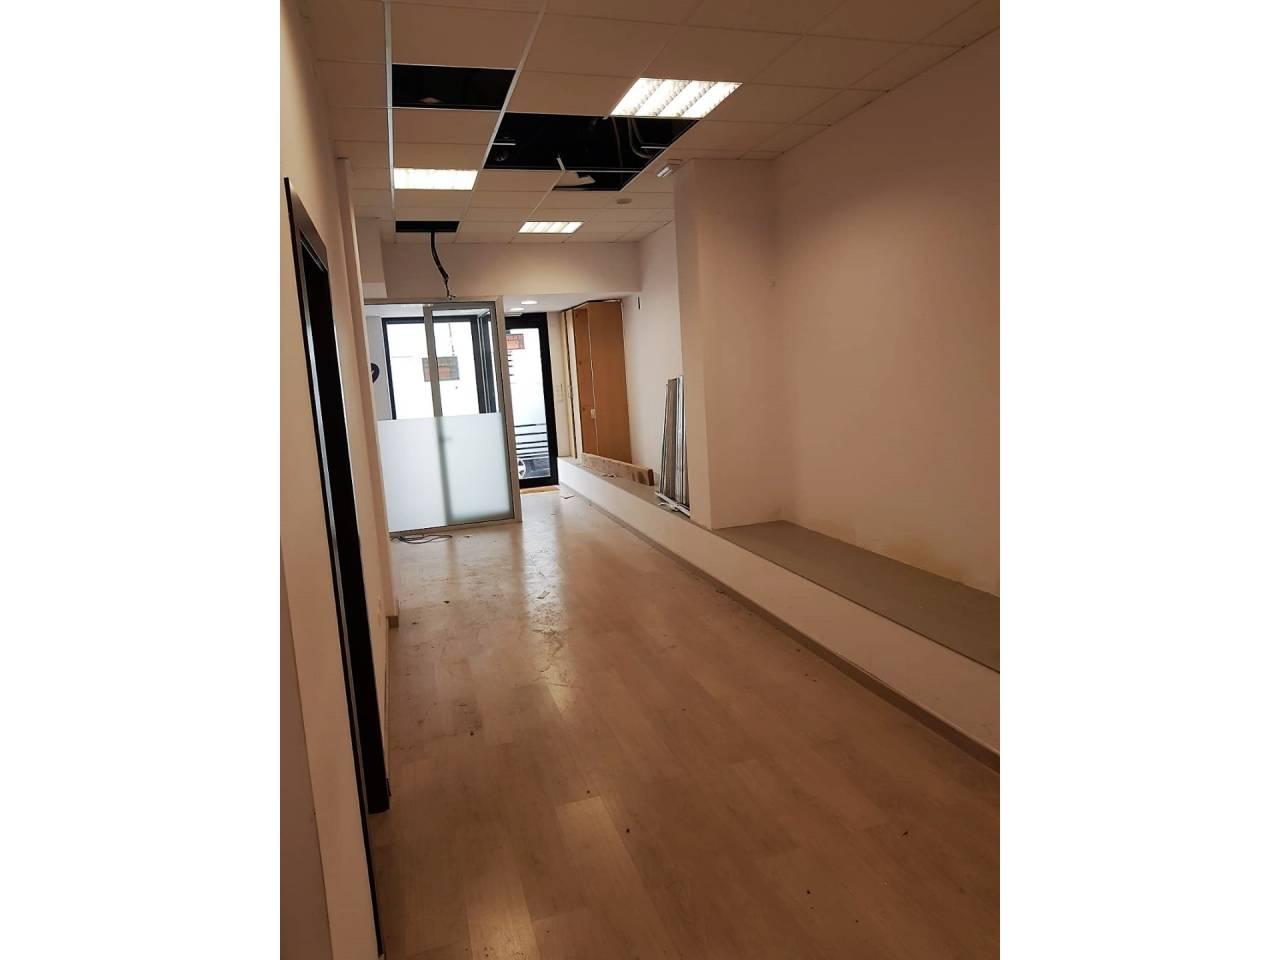 Lloguer Local Comercial  Centre. Oficina de 60 m2 en el centro de san juan, preparada para entrar